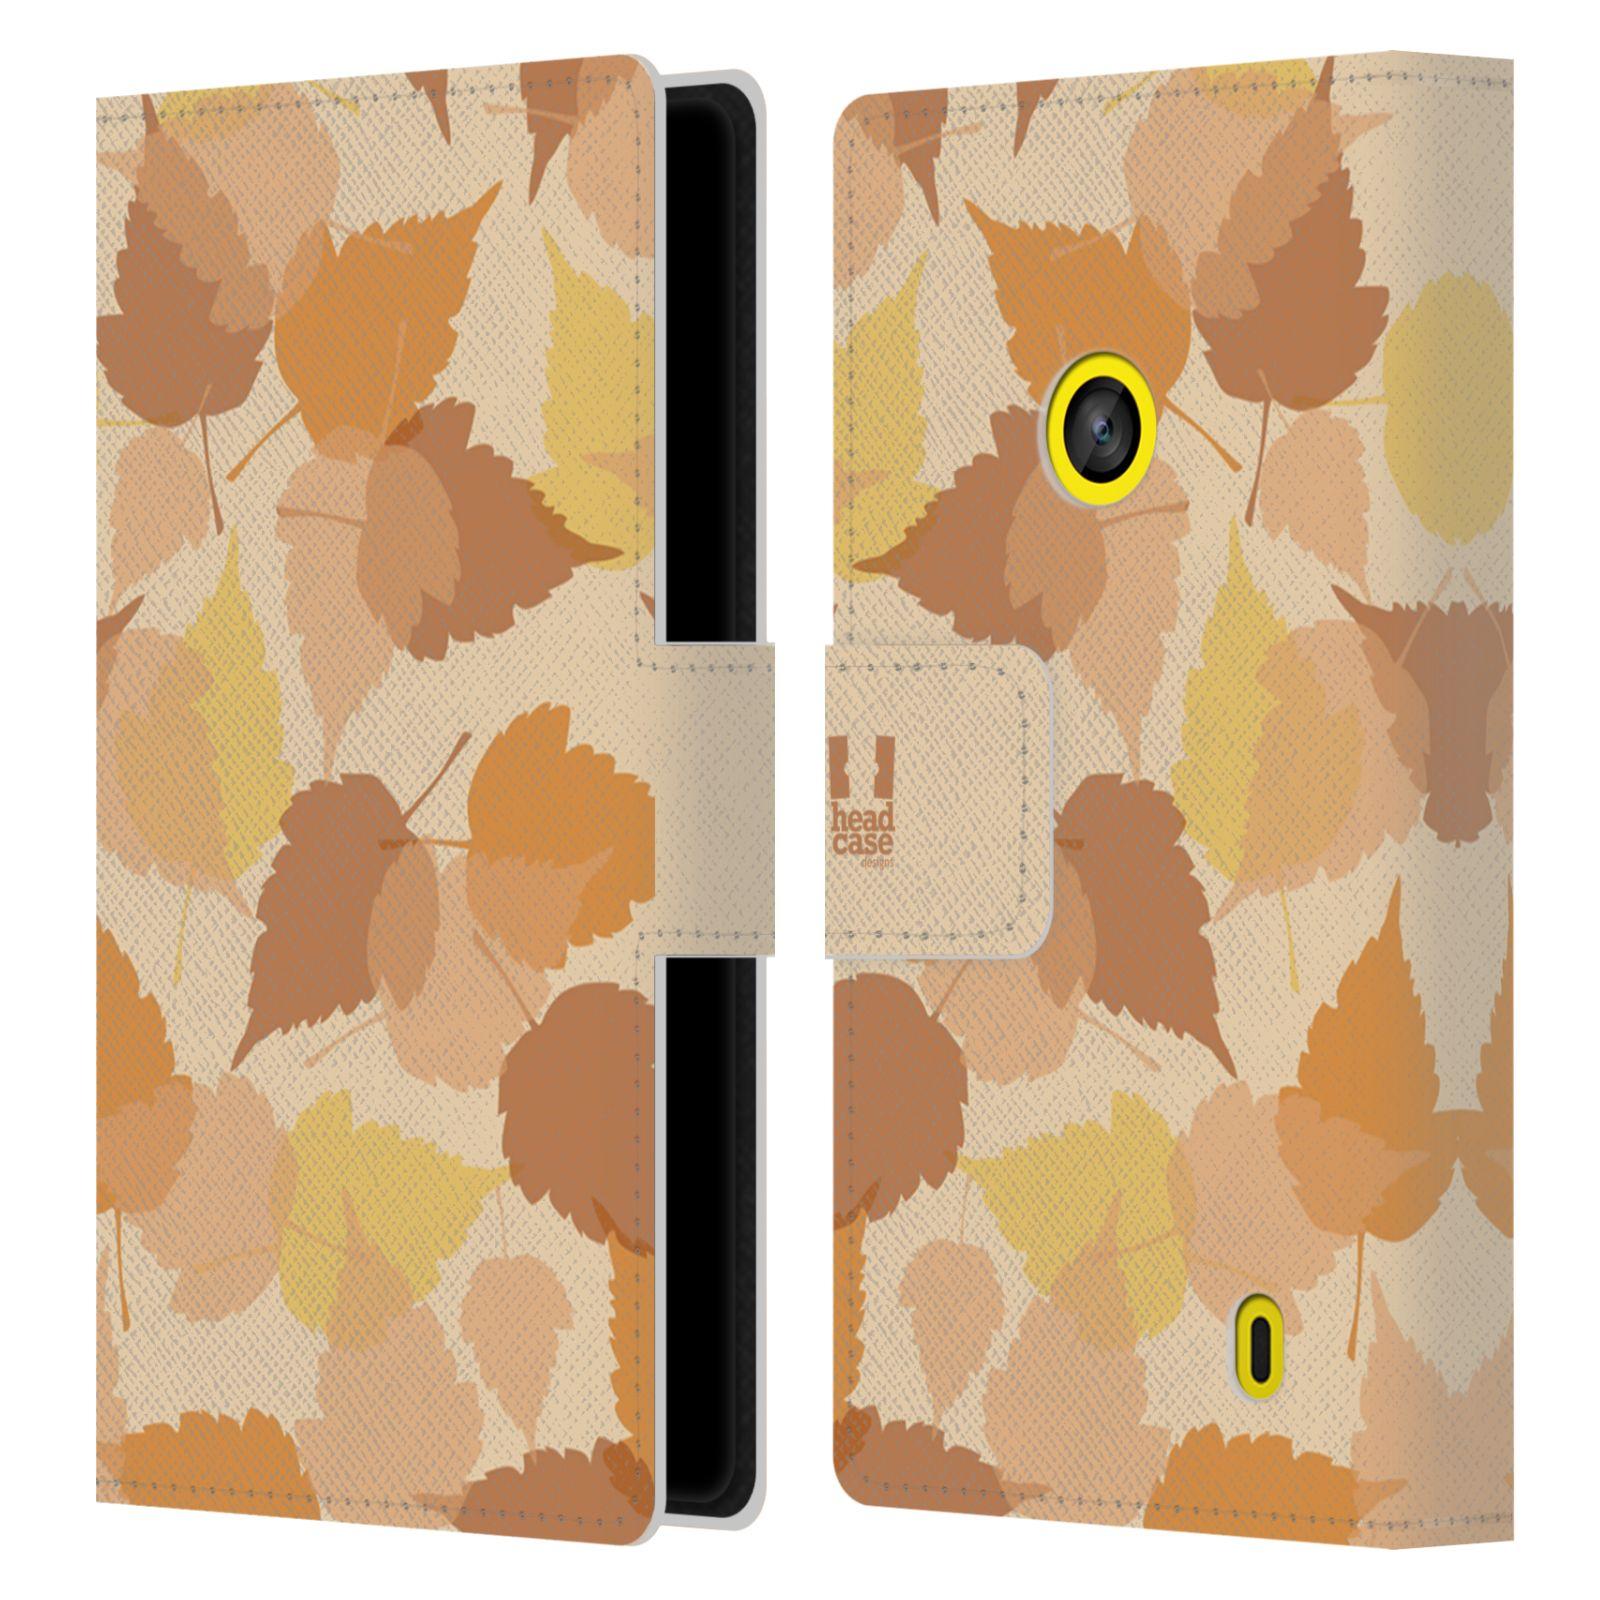 HEAD CASE Flipové pouzdro pro mobil NOKIA LUMIA 520 / 525 vzor prolínající se listy podzim